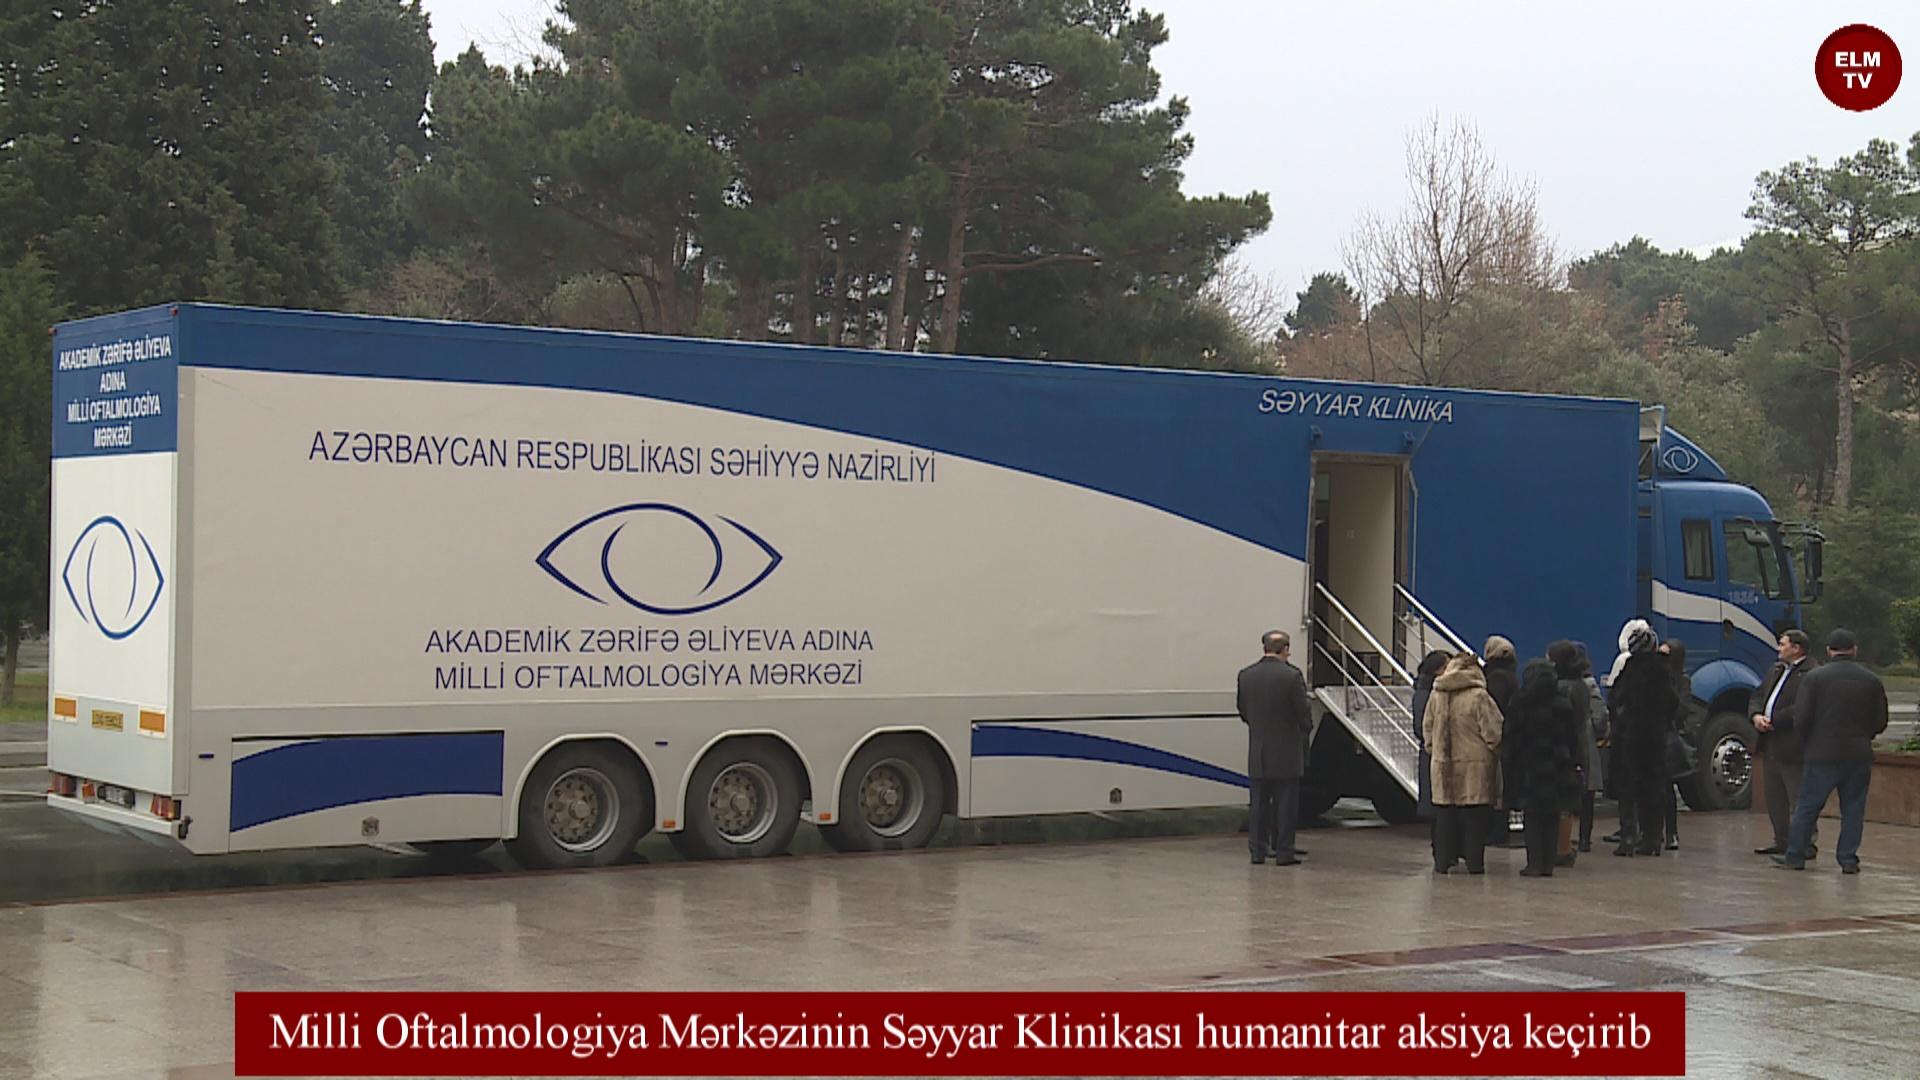 Milli Oftalmologiya Mərkəzinin Səyyar Klinikası humanitar aksiya keçirib